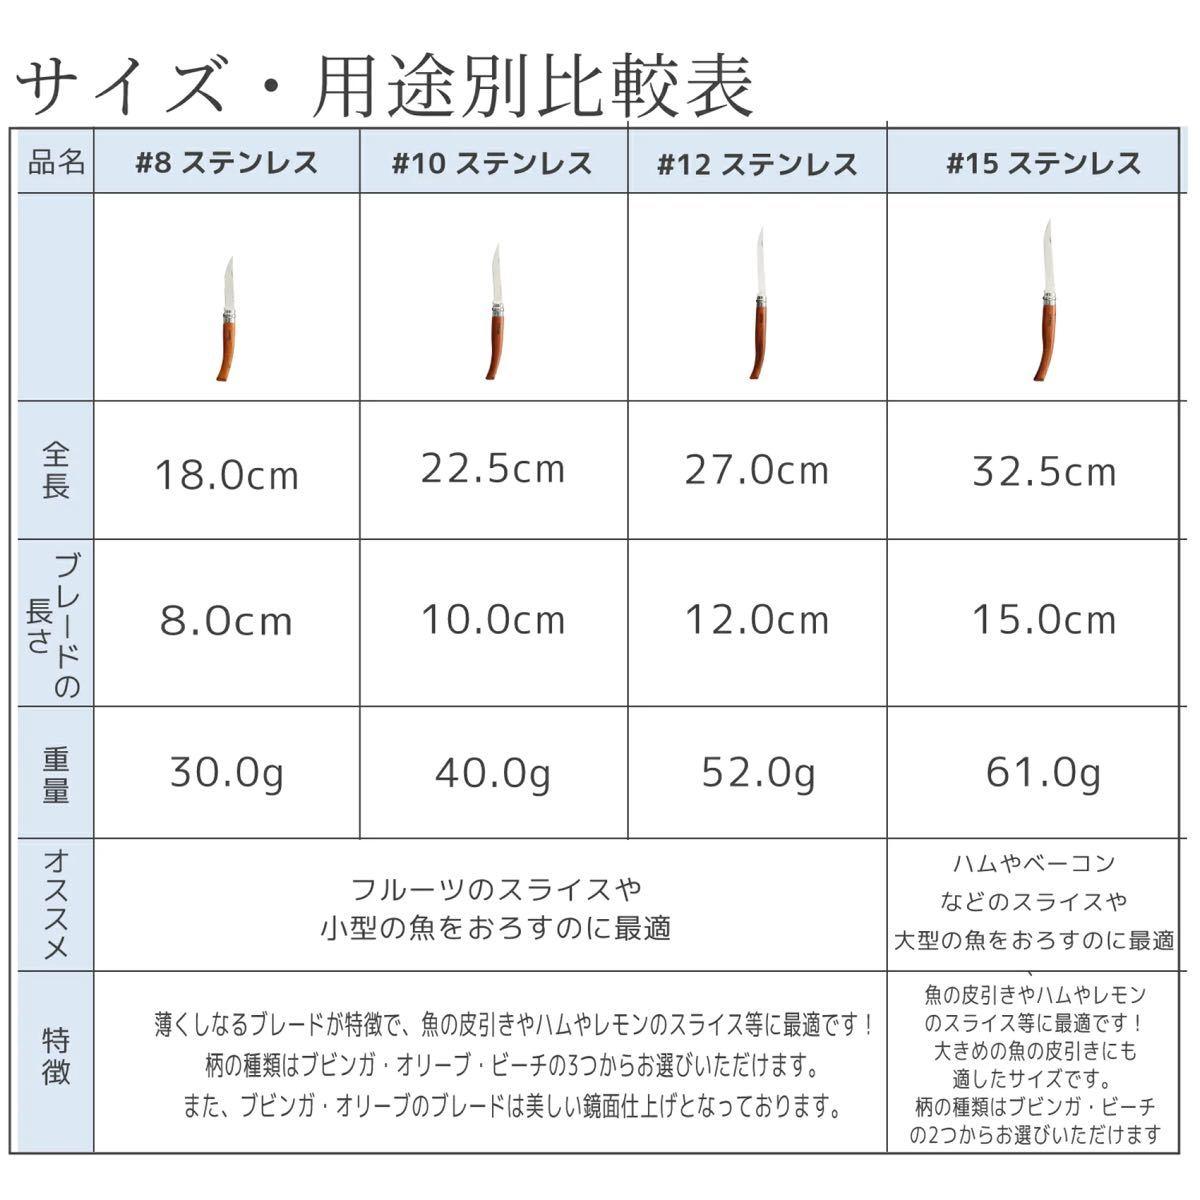 オピネル スリムナイフ ブビンガ #15 15cm  新品 ソロキャンプ OPINEL